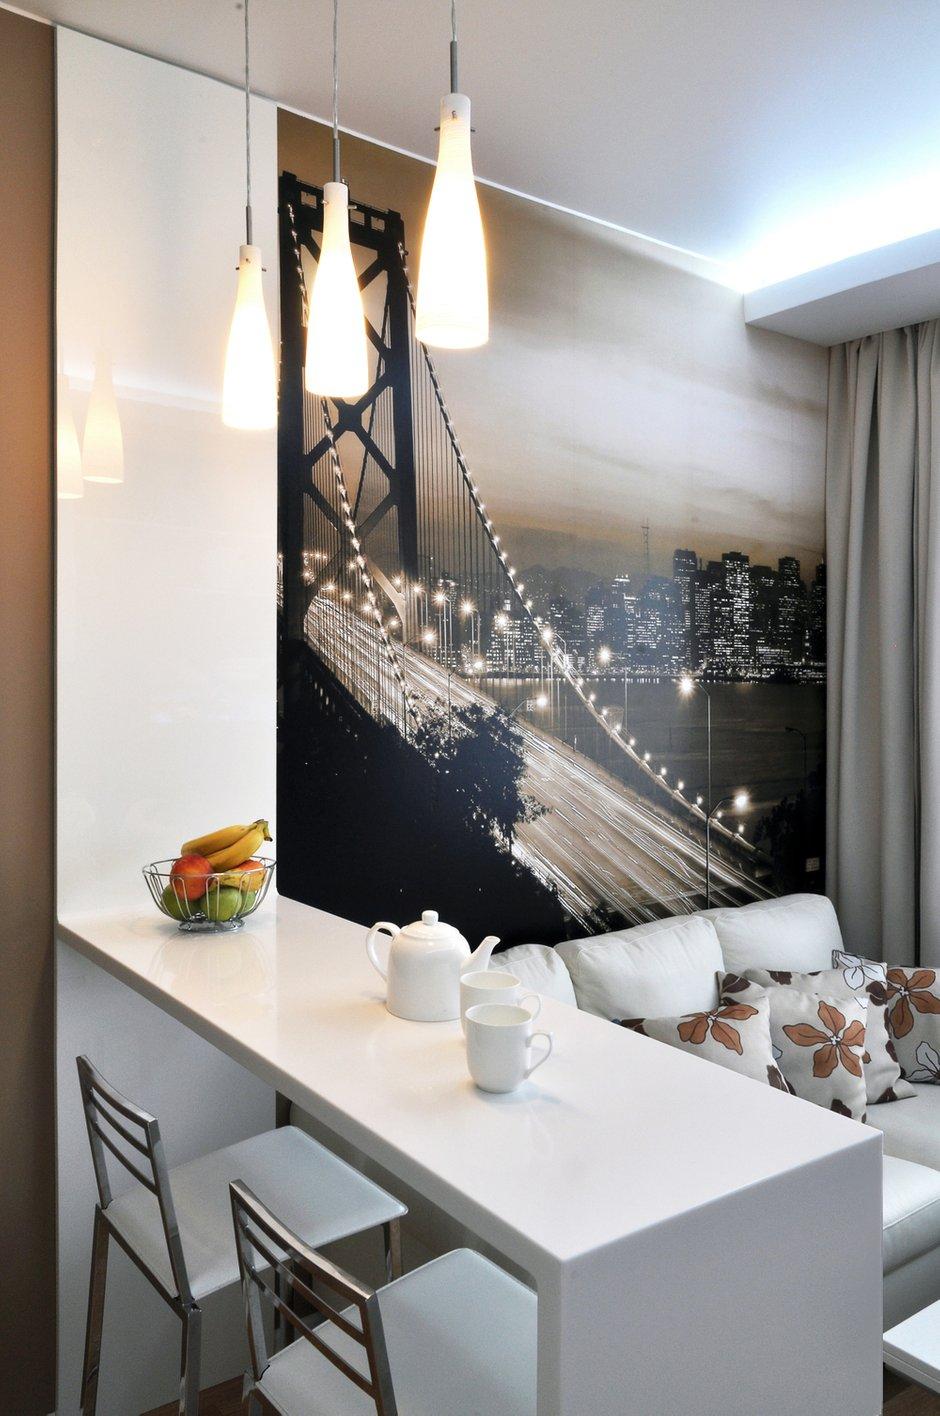 Фотография: Мебель и свет в стиле Лофт, Современный, Малогабаритная квартира, Квартира, Цвет в интерьере, Дома и квартиры, Белый, Переделка – фото на INMYROOM